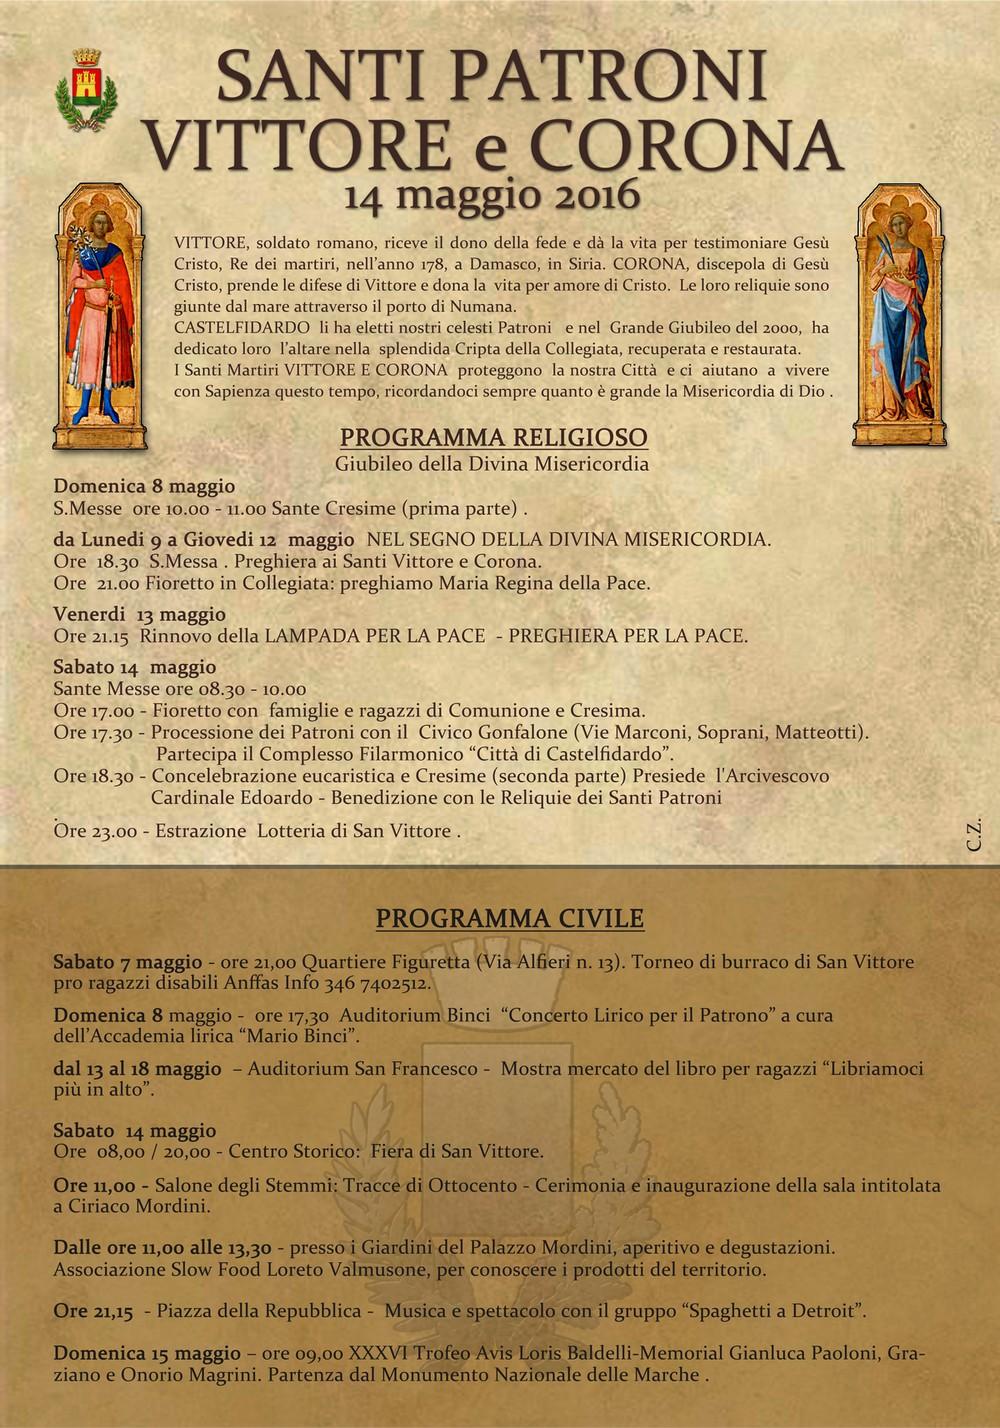 Celebrazione dei Santi Patroni, tutto il programma